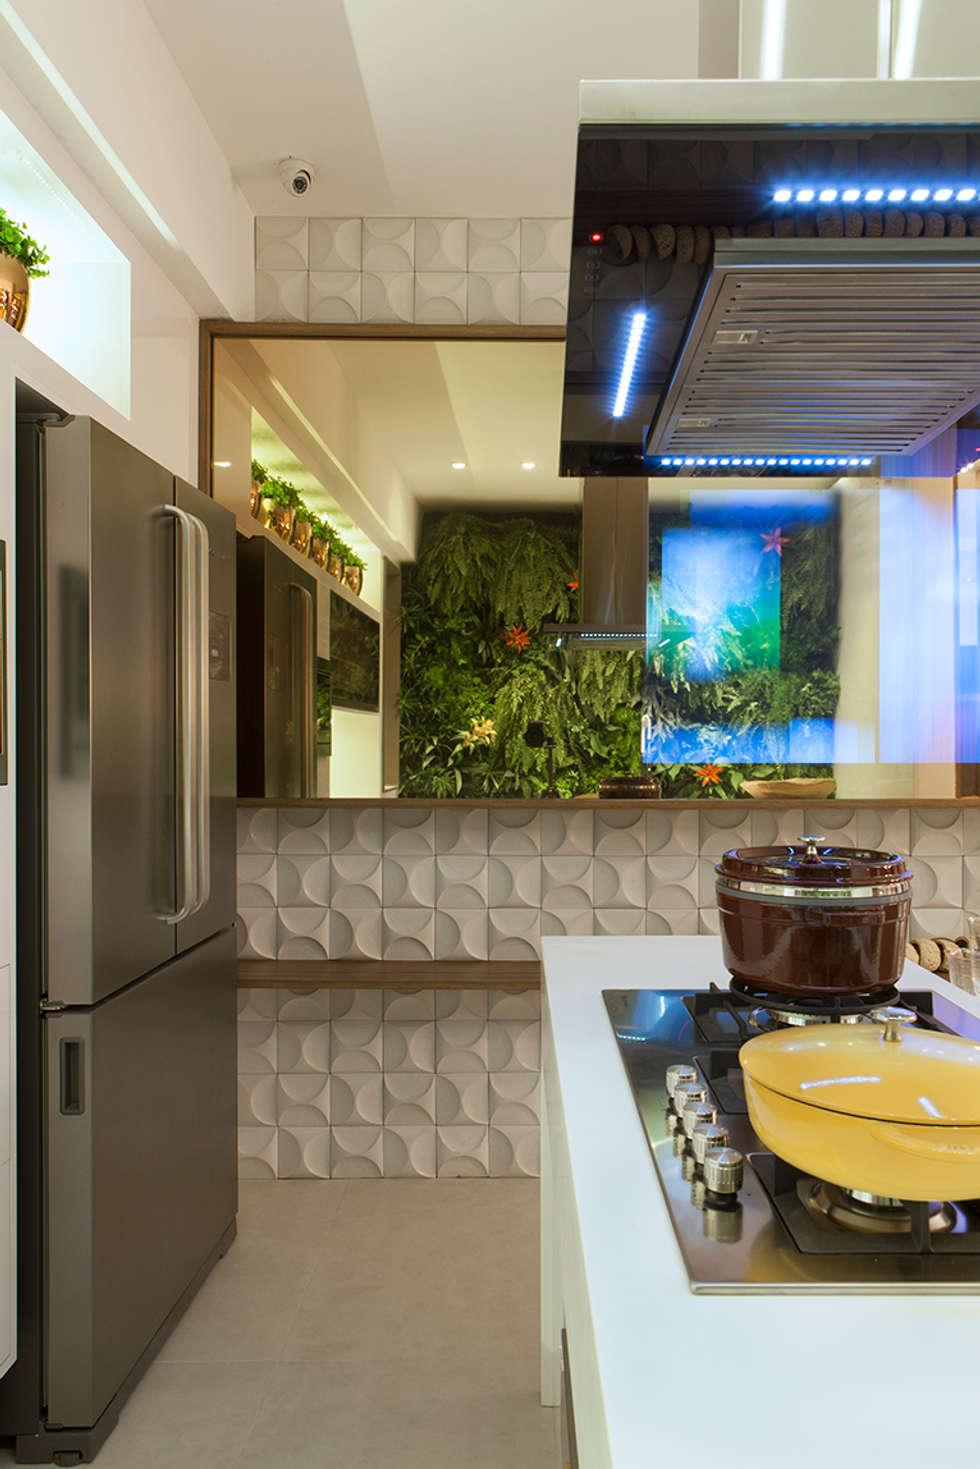 Cozinhas Casa Cor Cozinhas Casa Cor Casa Cor Sp A Super Cozinha